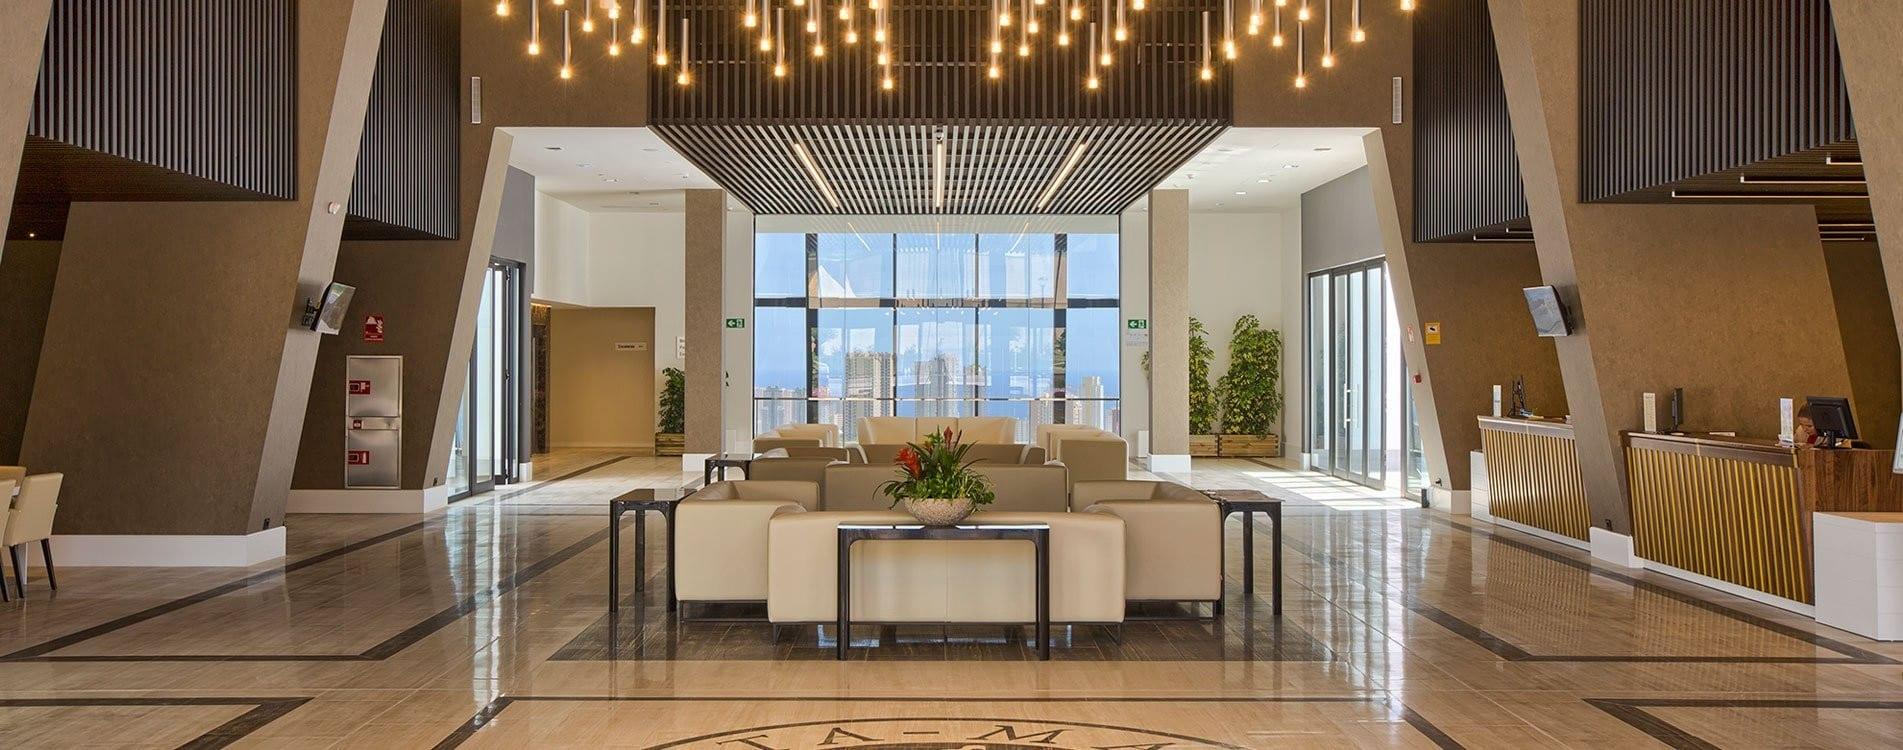 slide-home-recepcion-grand-luxor-superior-hotel